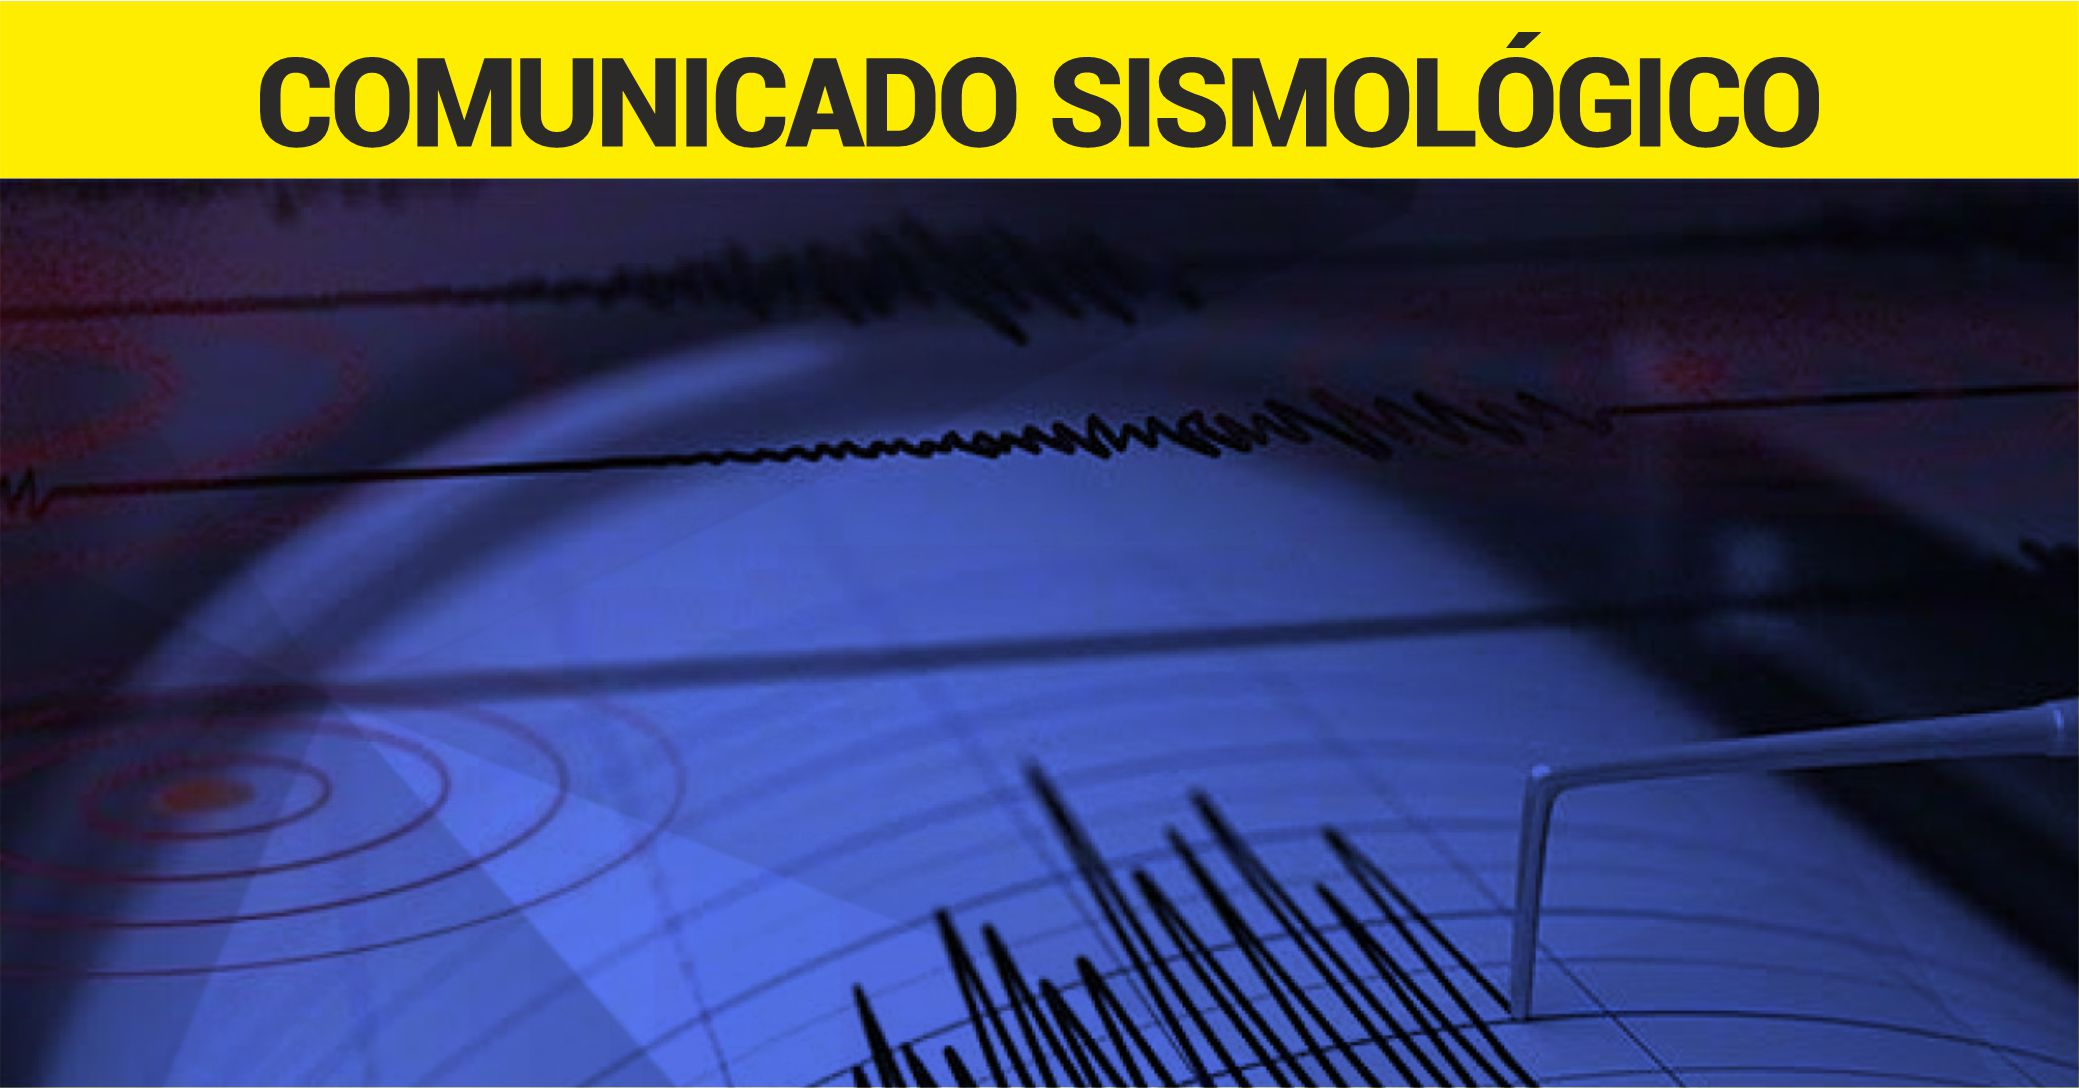 Comunicado Sismológico • Publicado a 08, Julho de 2020